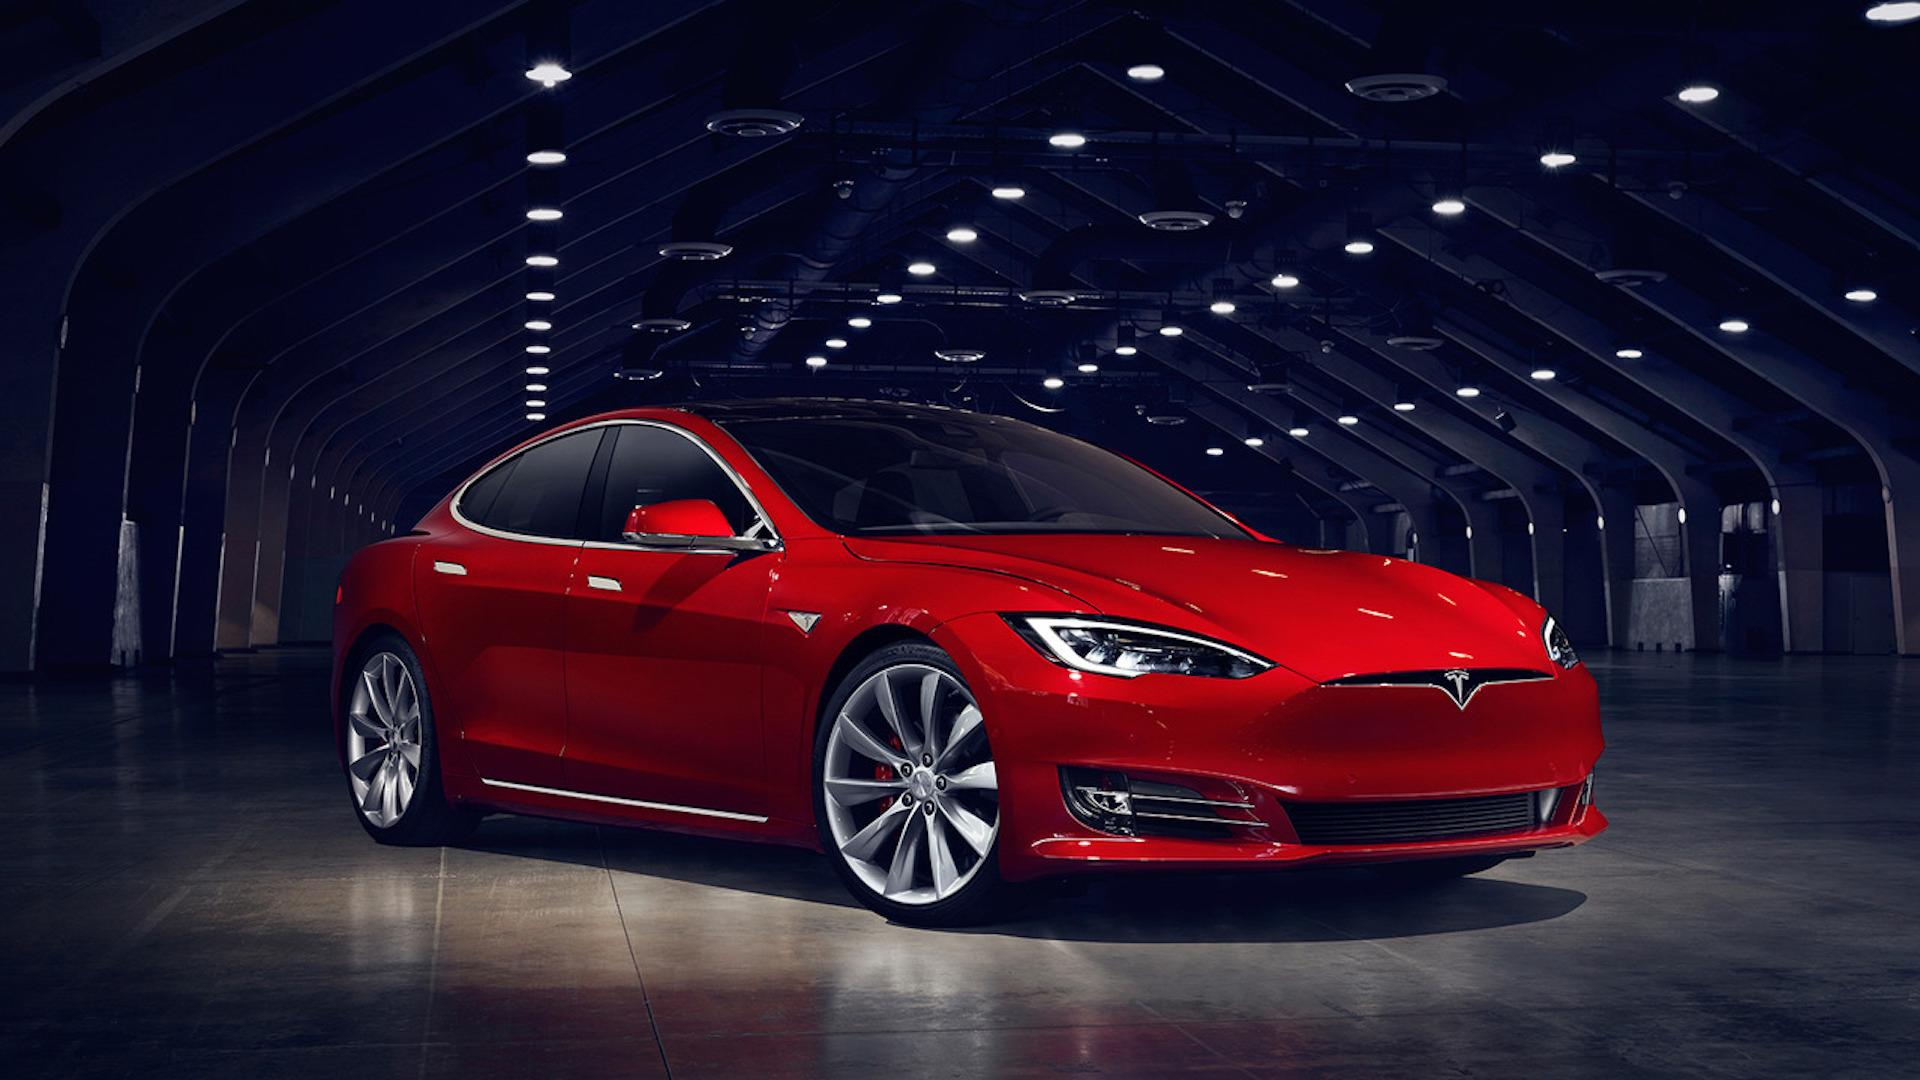 Педаль газа Tesla Model S защелкивается после того, как водитель пробовал показывать режим запуска